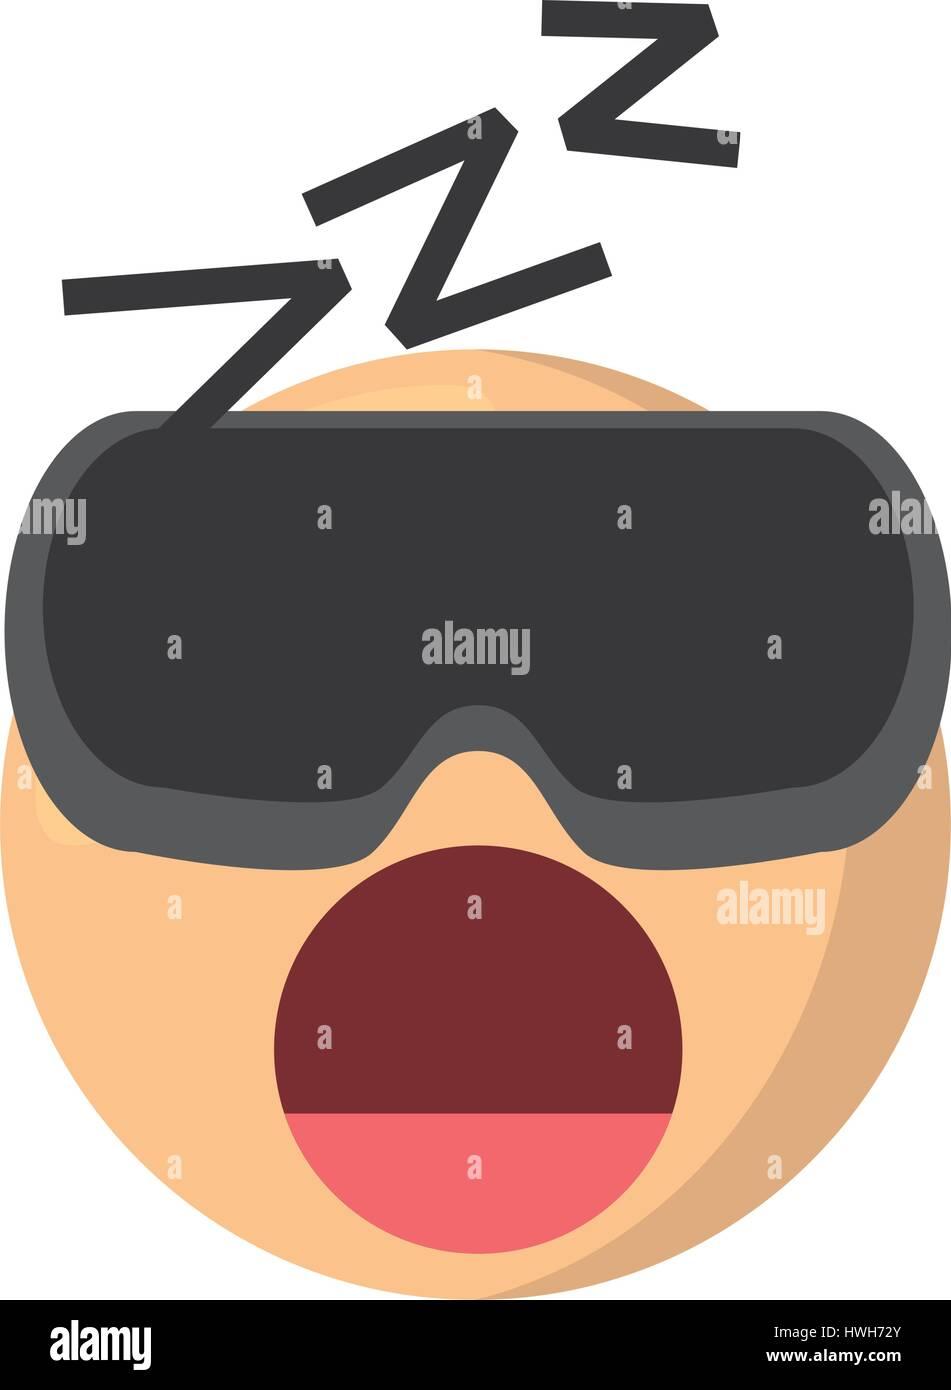 emoji sleep expression image - Stock Image